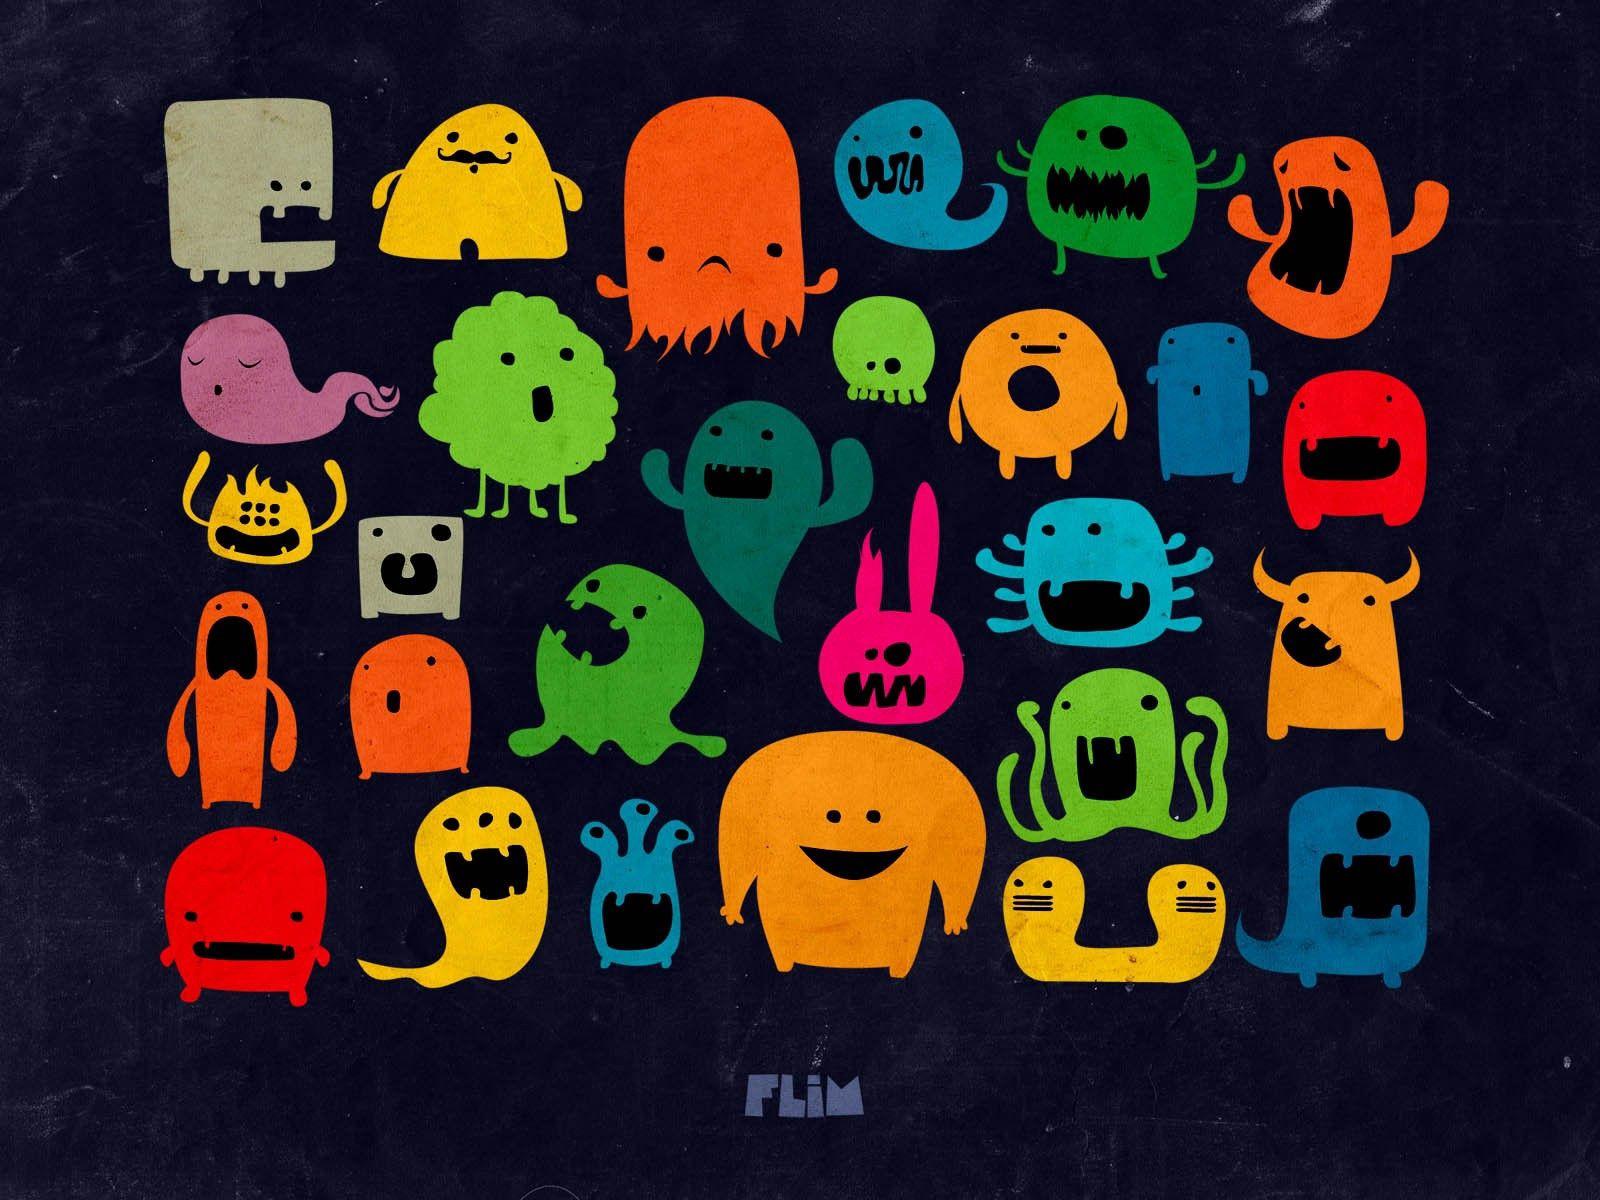 118363 Protetores de tela e papéis de parede Monstros em seu telefone. Baixe Desenho, Monstros, Vetor, Multicolorido, Motley, Foto fotos gratuitamente